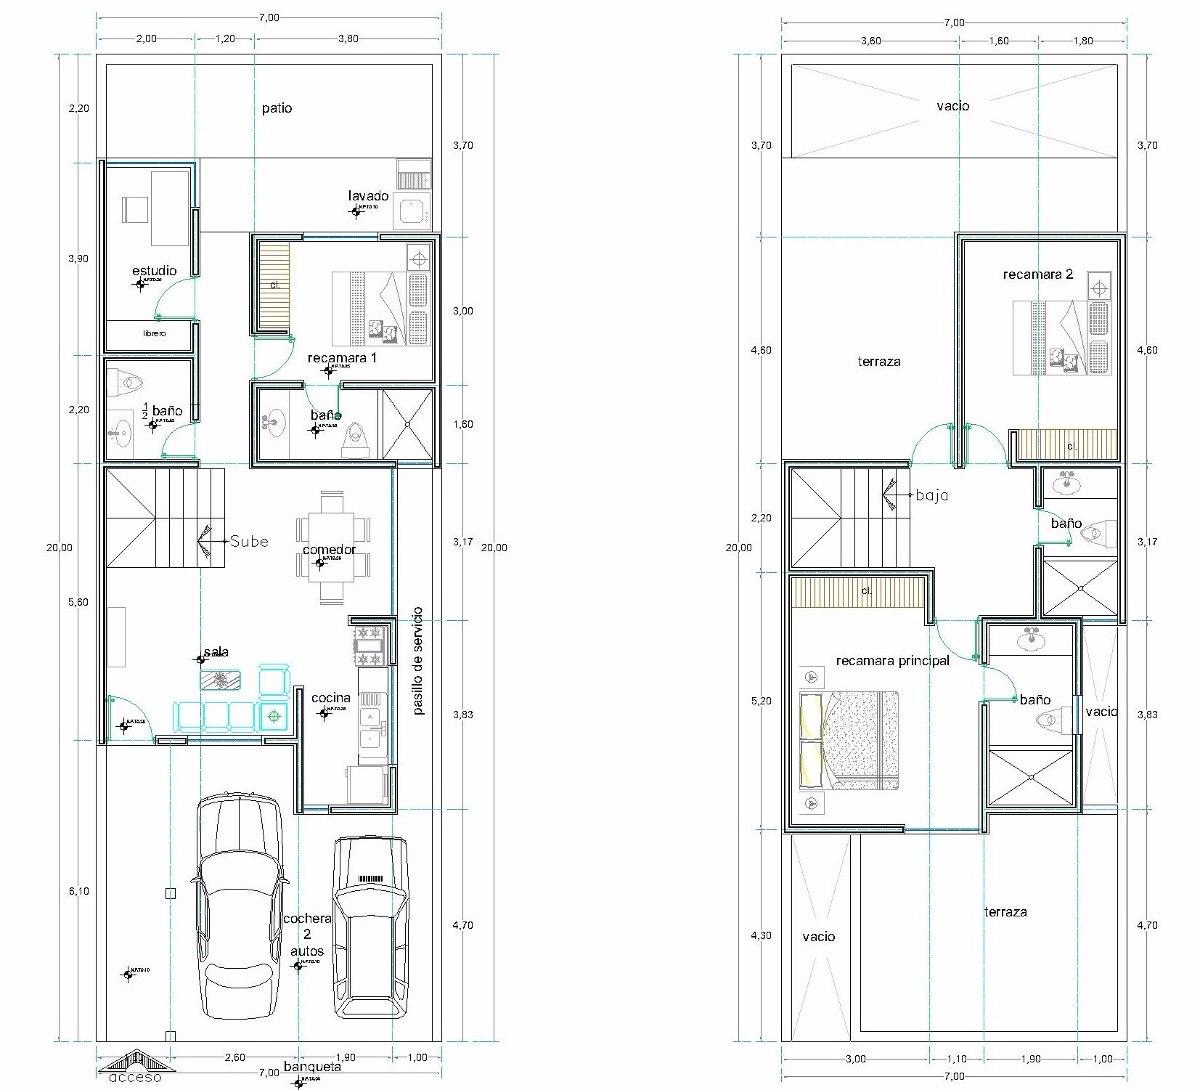 10 planos arquitectonicos dwg y pdf en